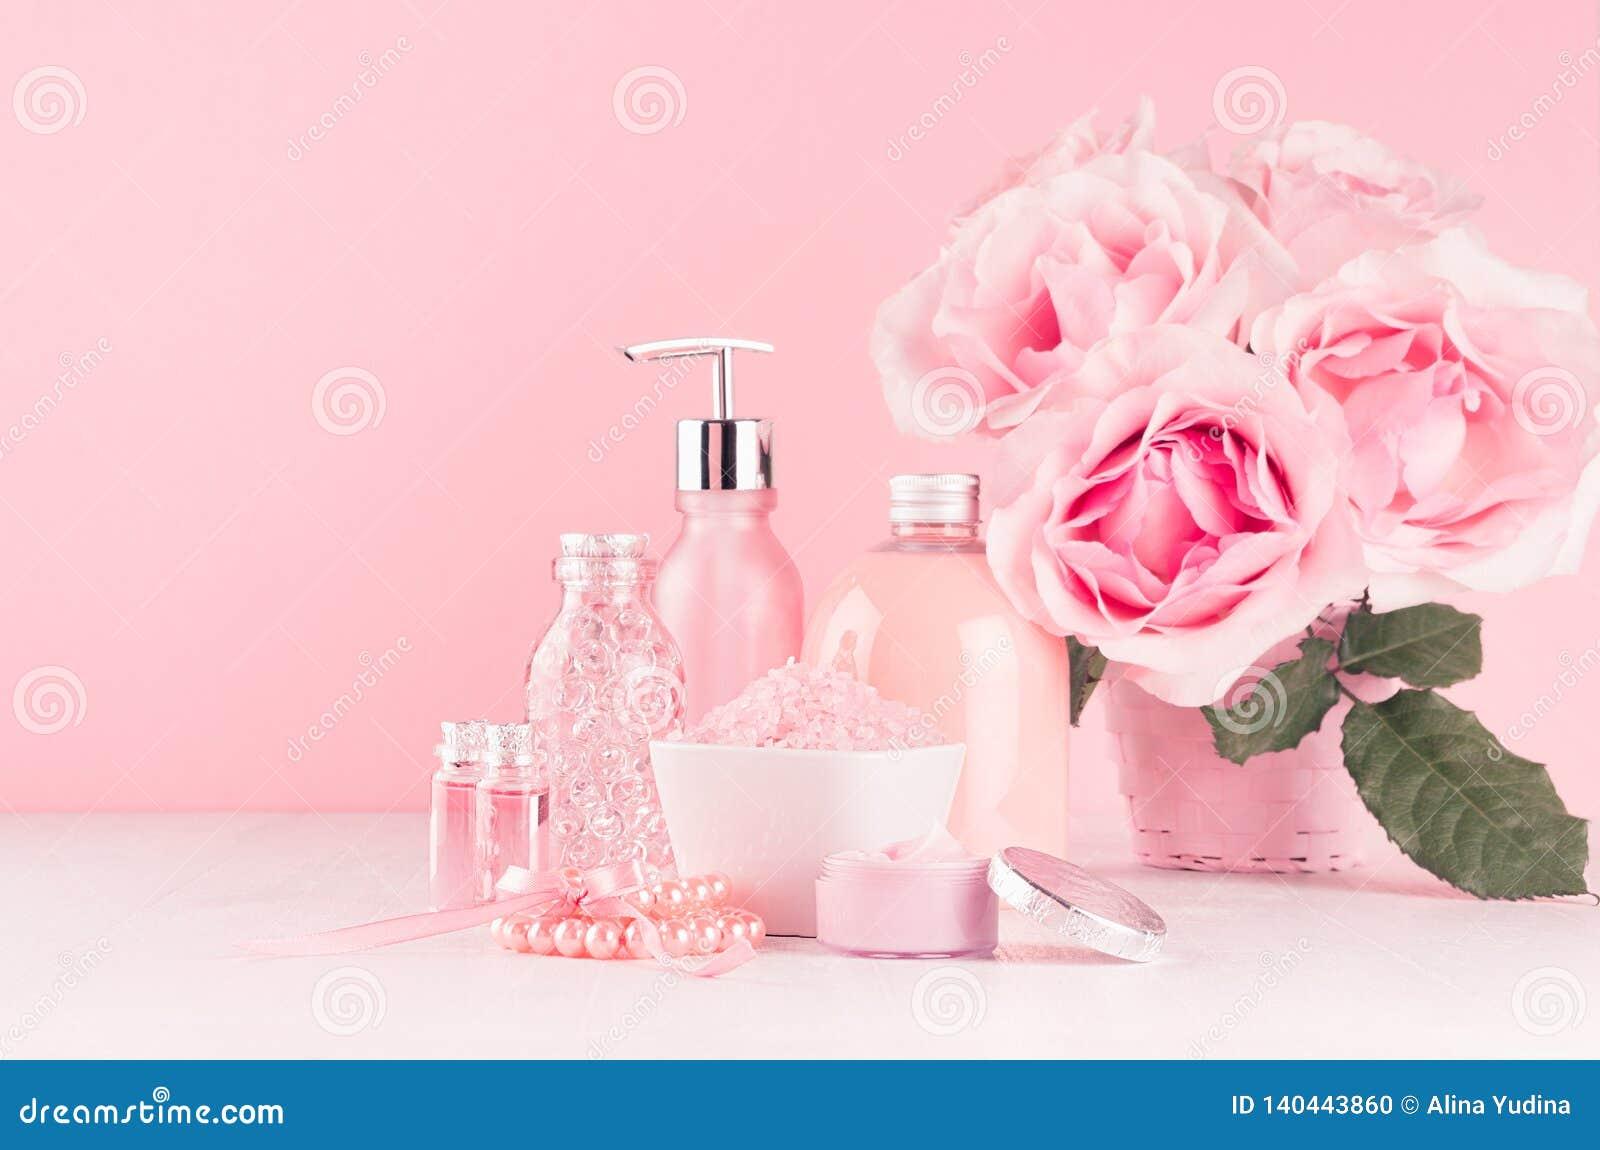 Leichte mädchenhafte Frisierkommode mit Blumen, Kosmetikprodukte - stiegen Öl, Badesalz, Creme, Parfüm, Baumwolltuch, Flasche und